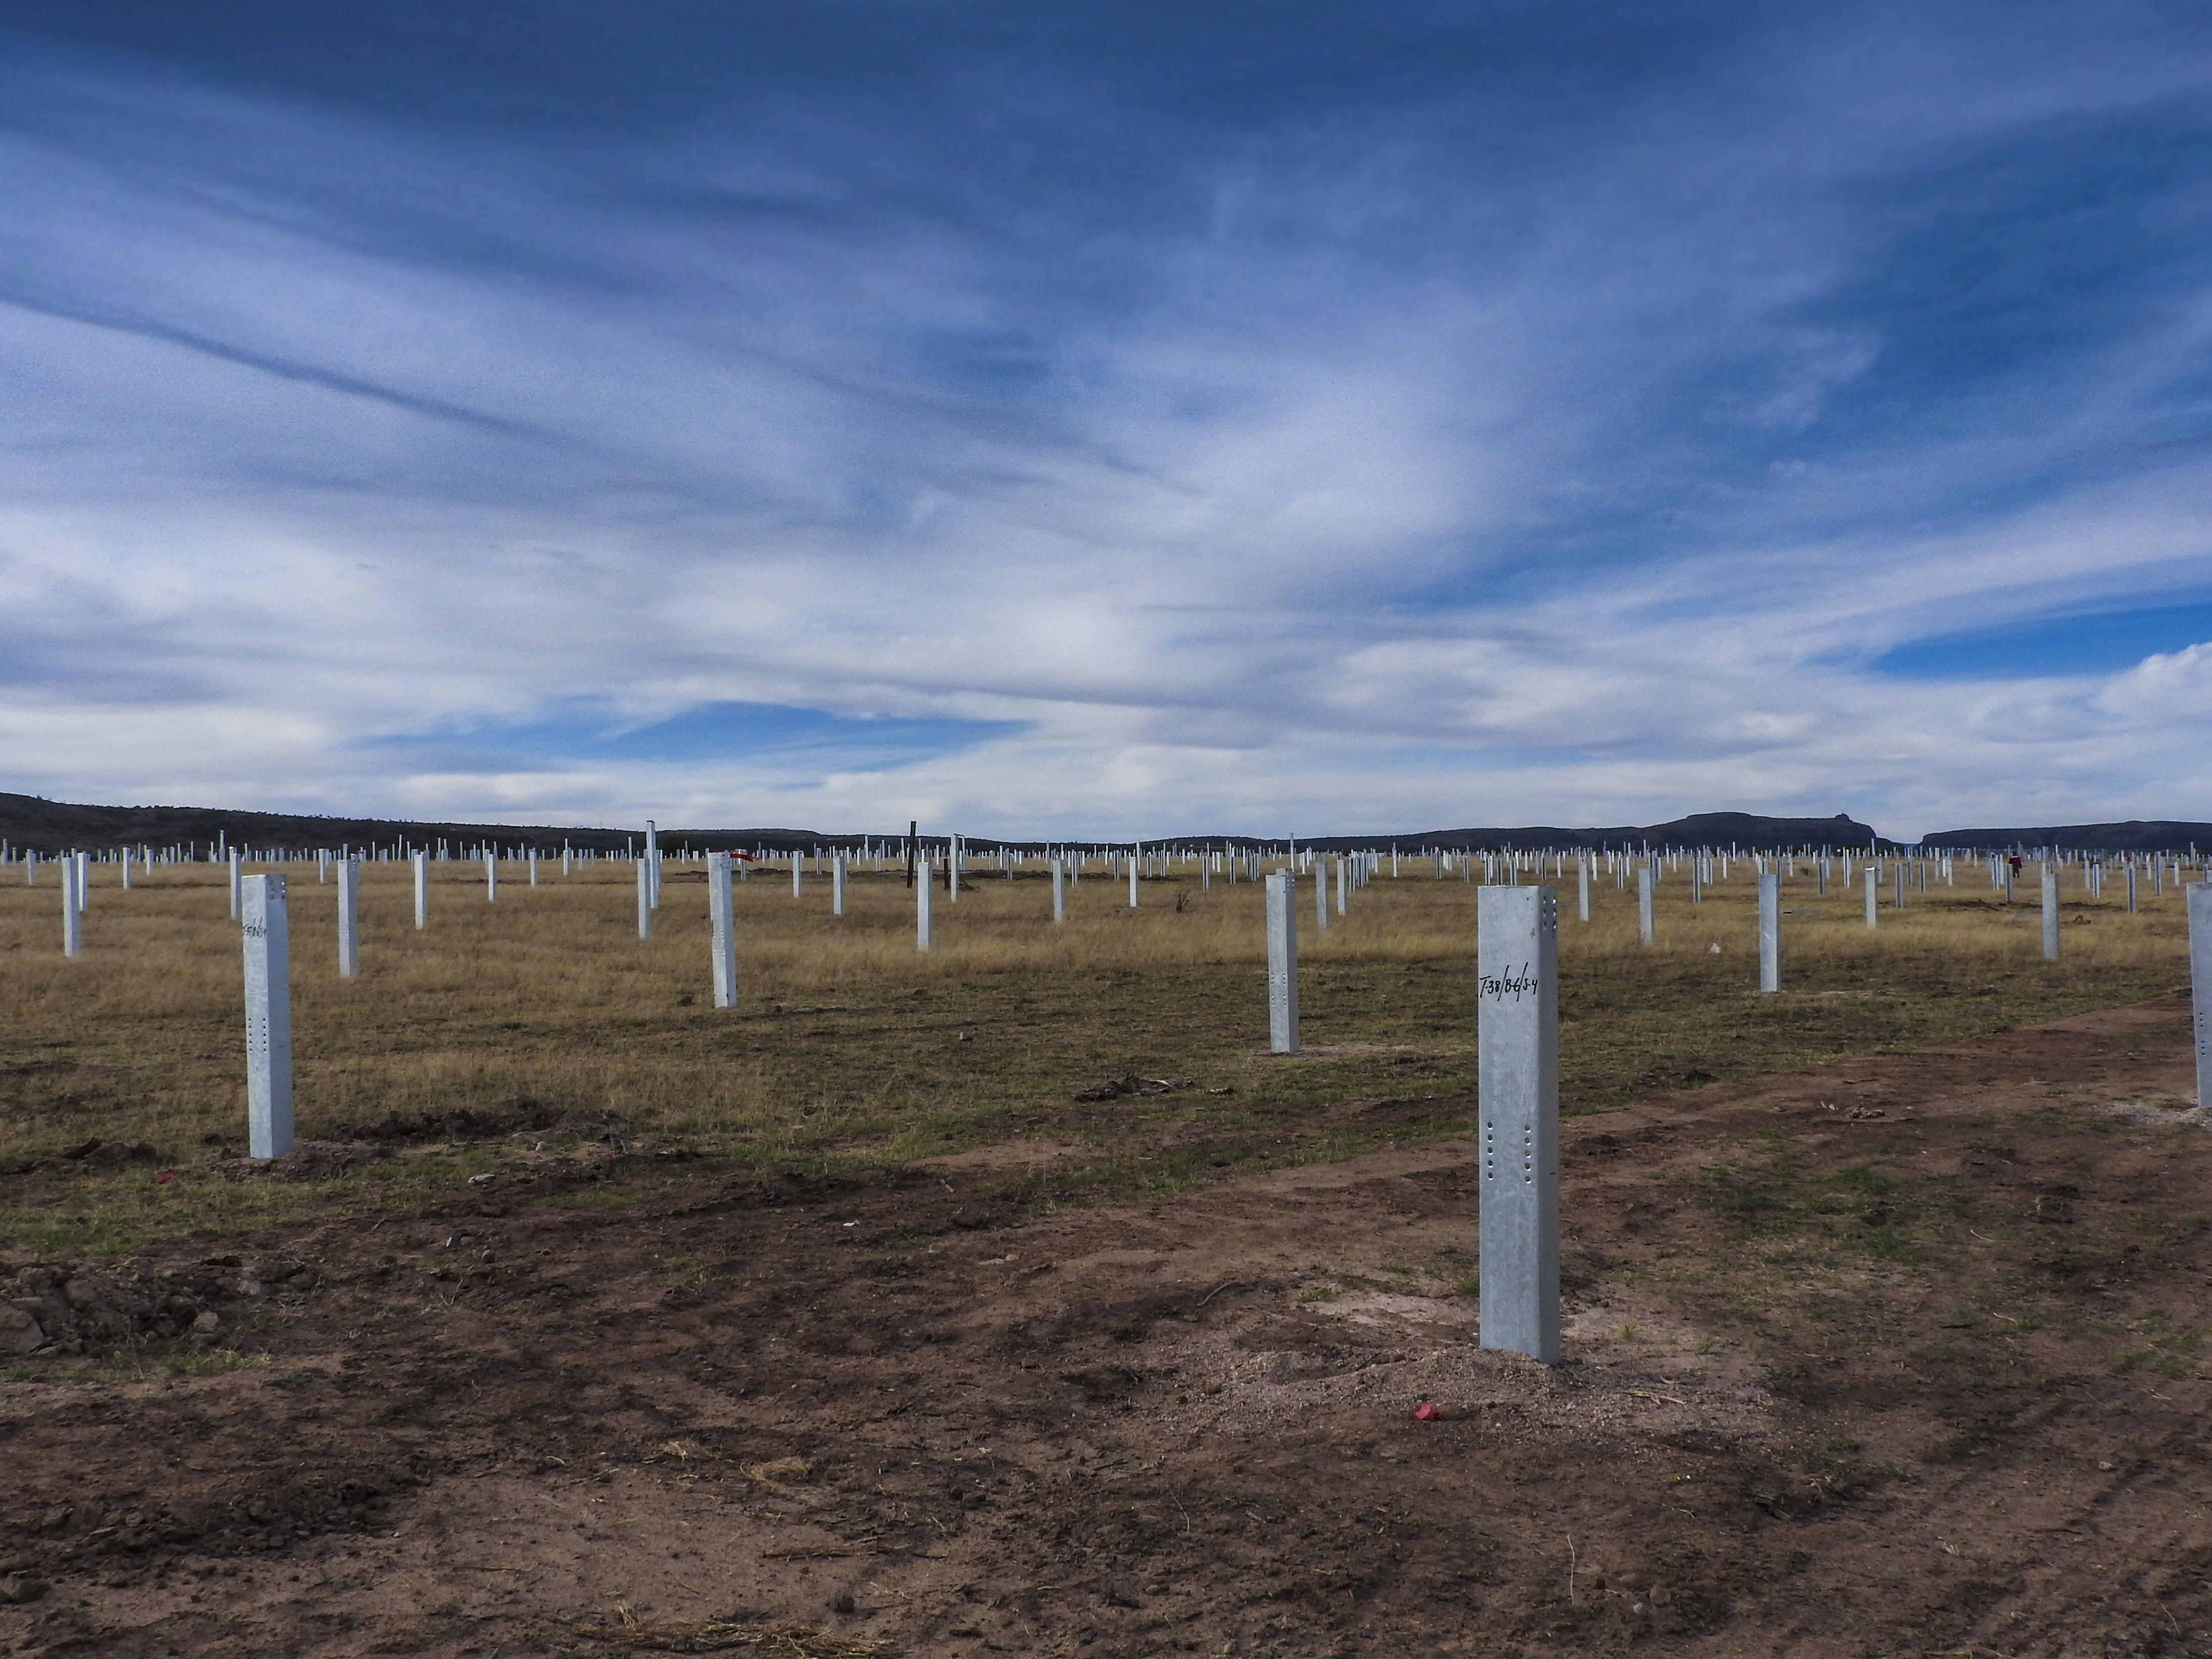 Avanzan a buen ritmo los trabajos en la Planta Fotovoltaica Horus Solar en Aguascalientes, Mexico